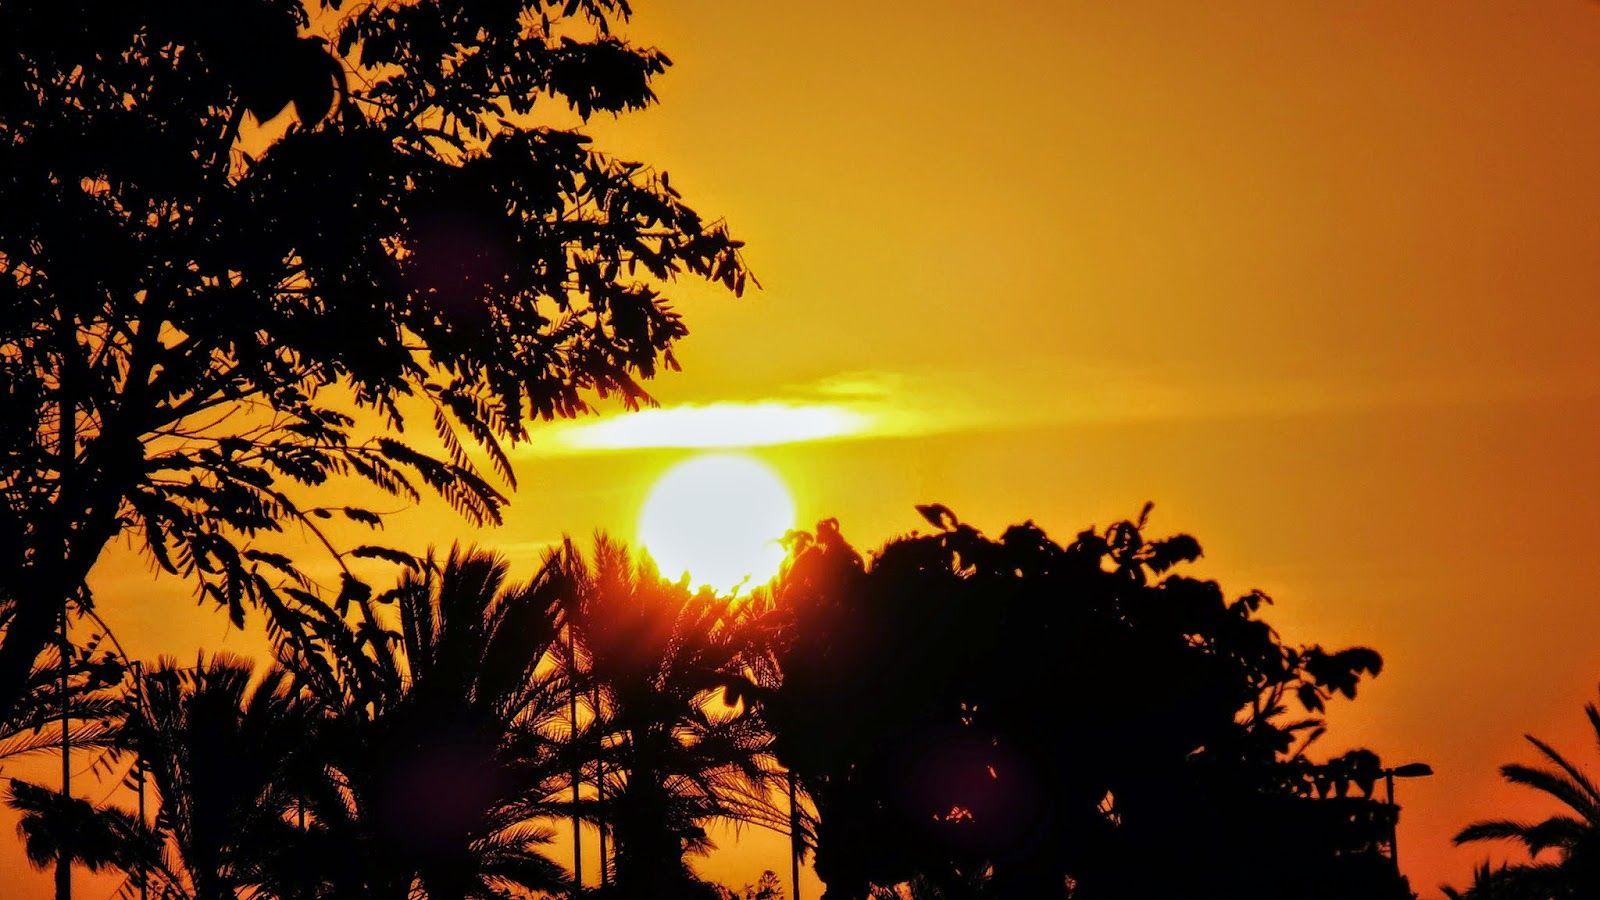 Canary Islands : Amanecer víspera de Reyes Magos ..El Sol se suma a...